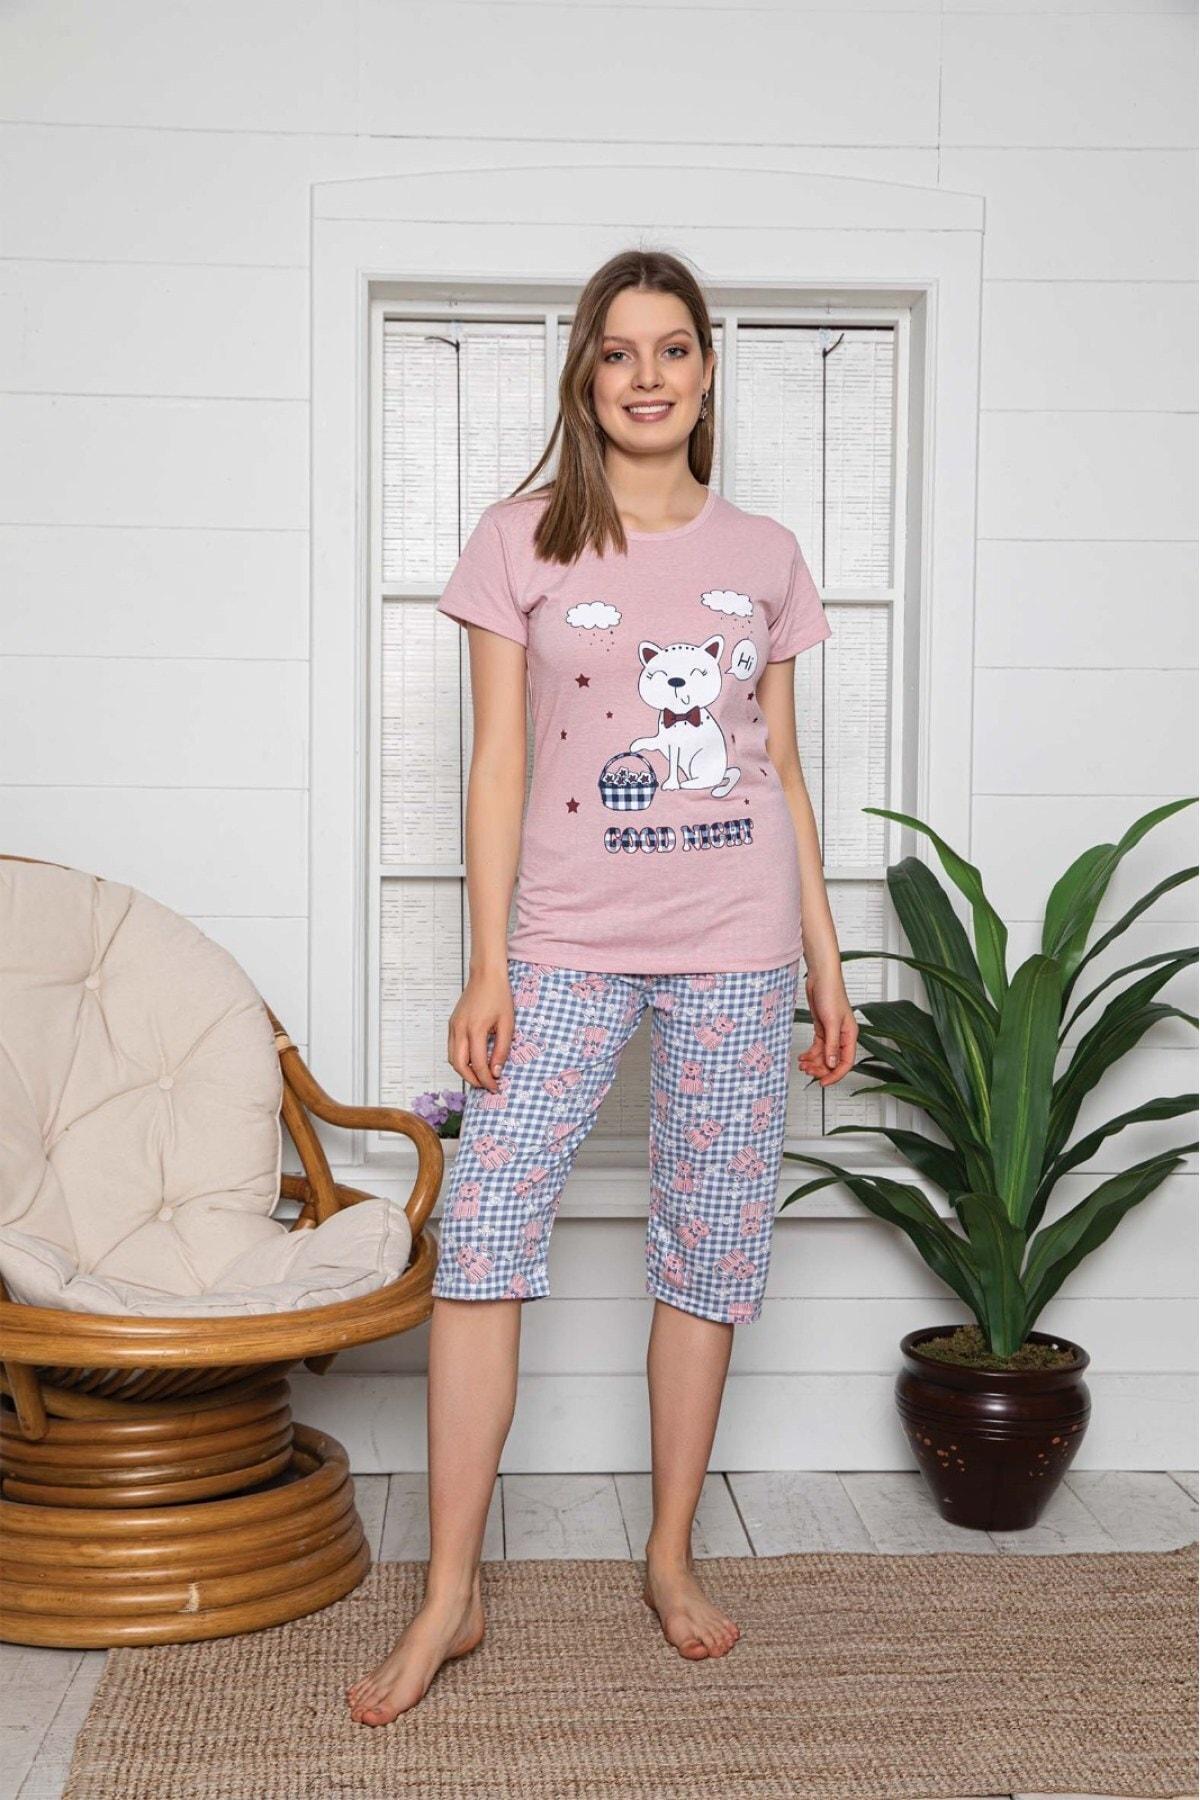 Bellis Kadın Sevimli Kedi Baskılı Kapri Takım